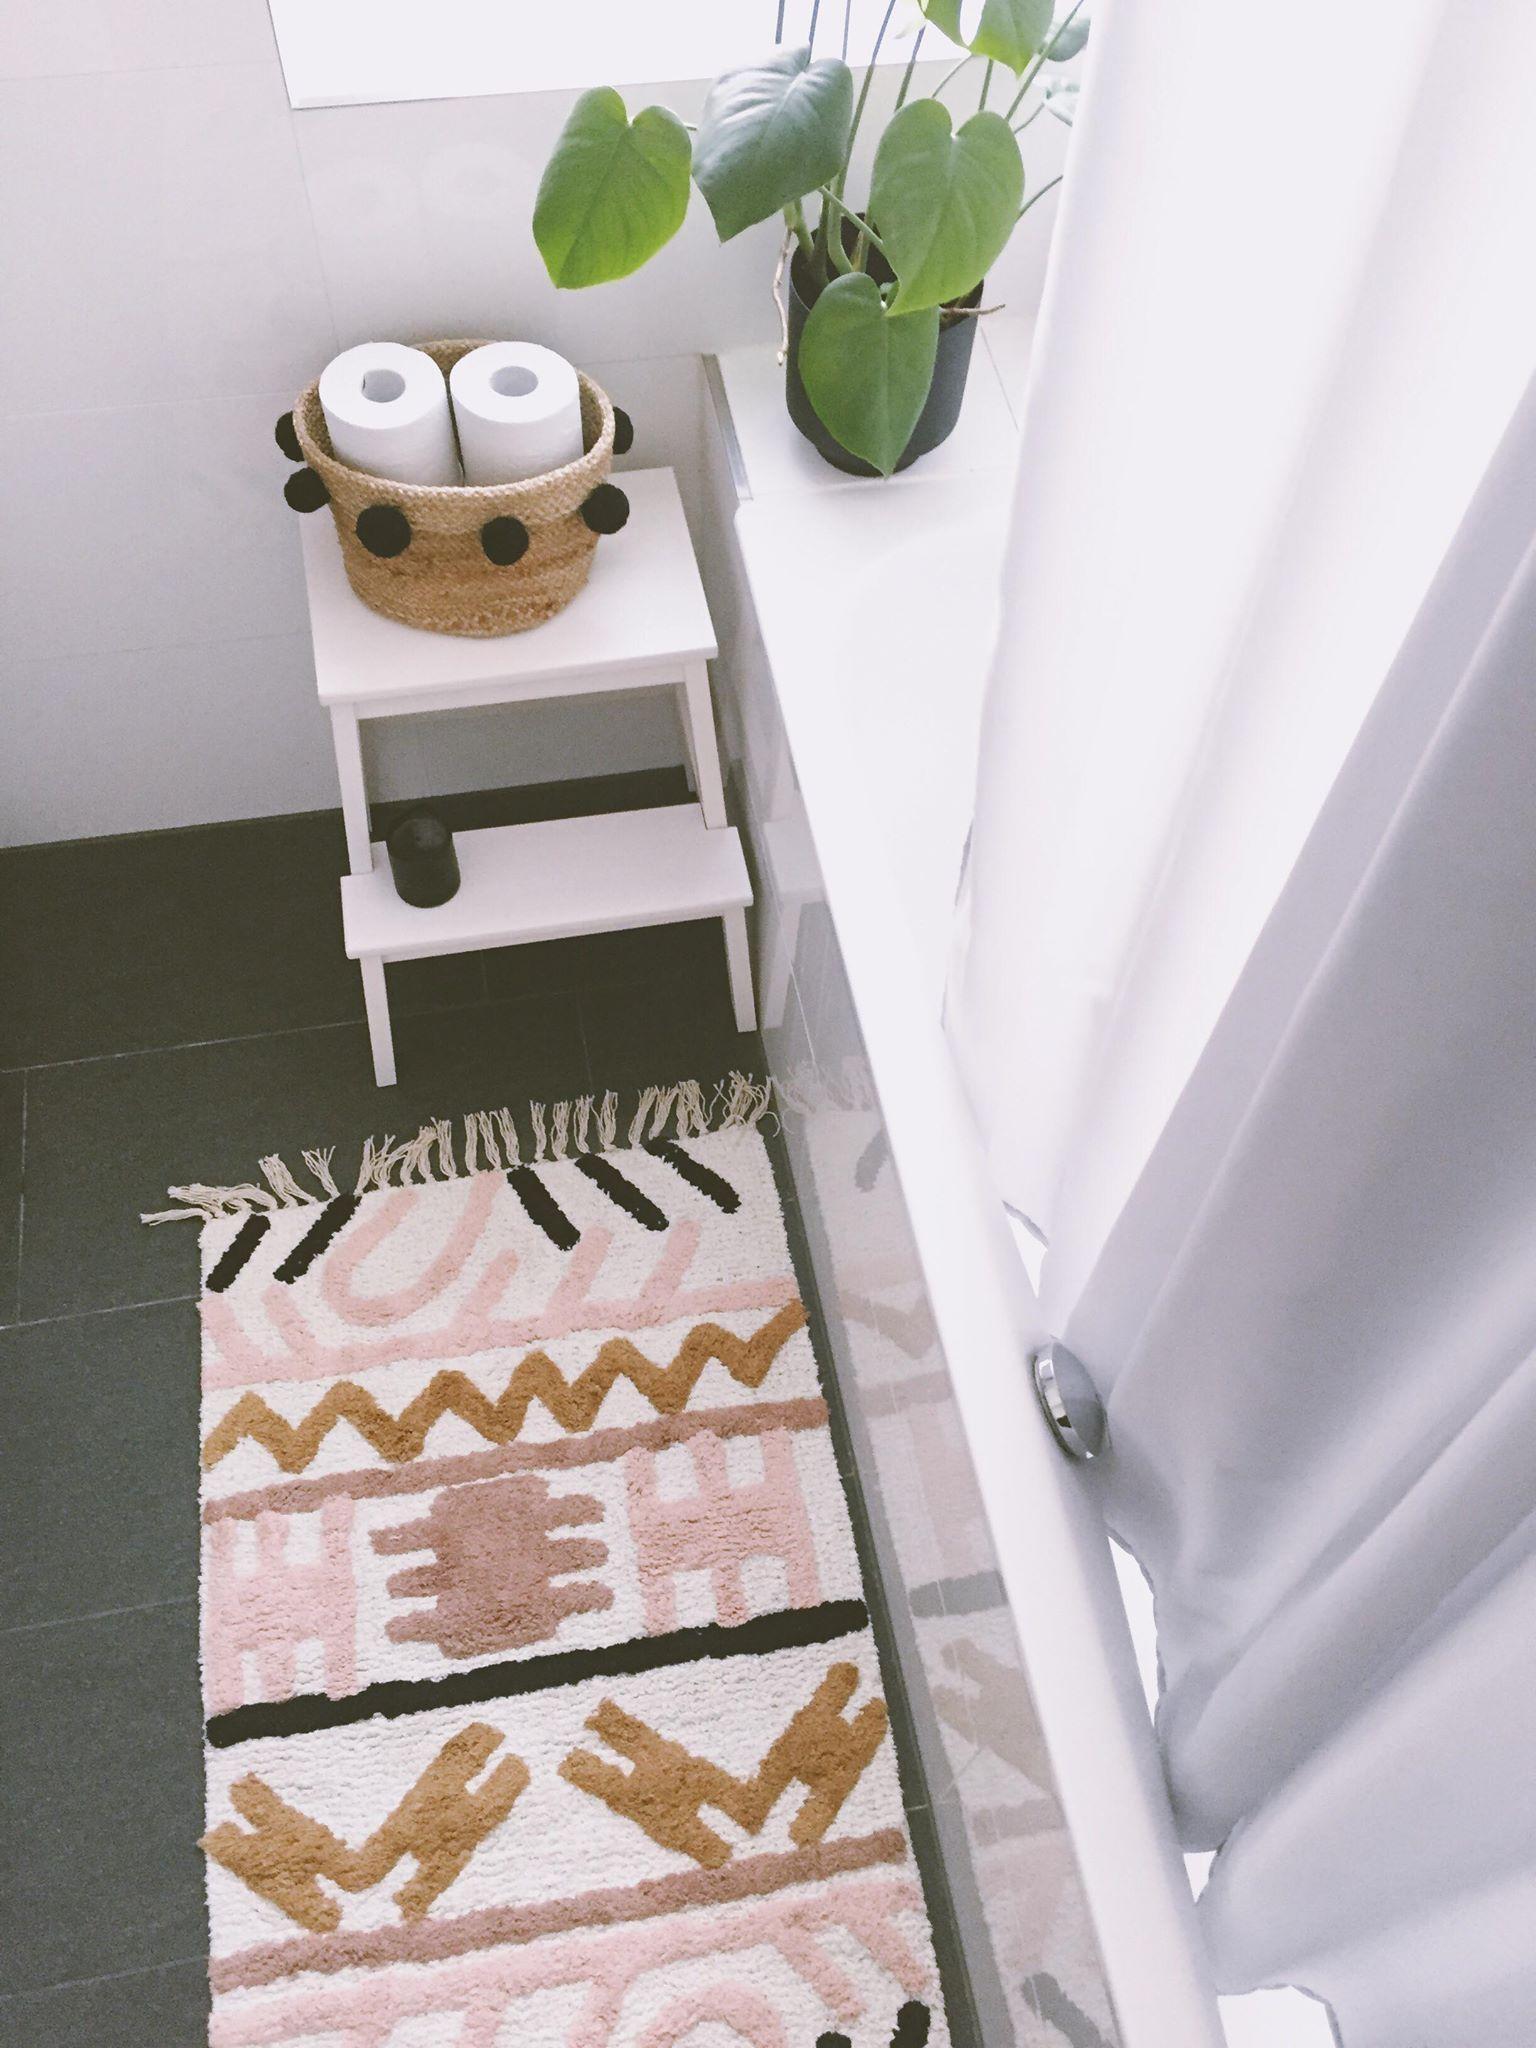 Badezimmer Teppich • Bilder & Ideen • COUCH